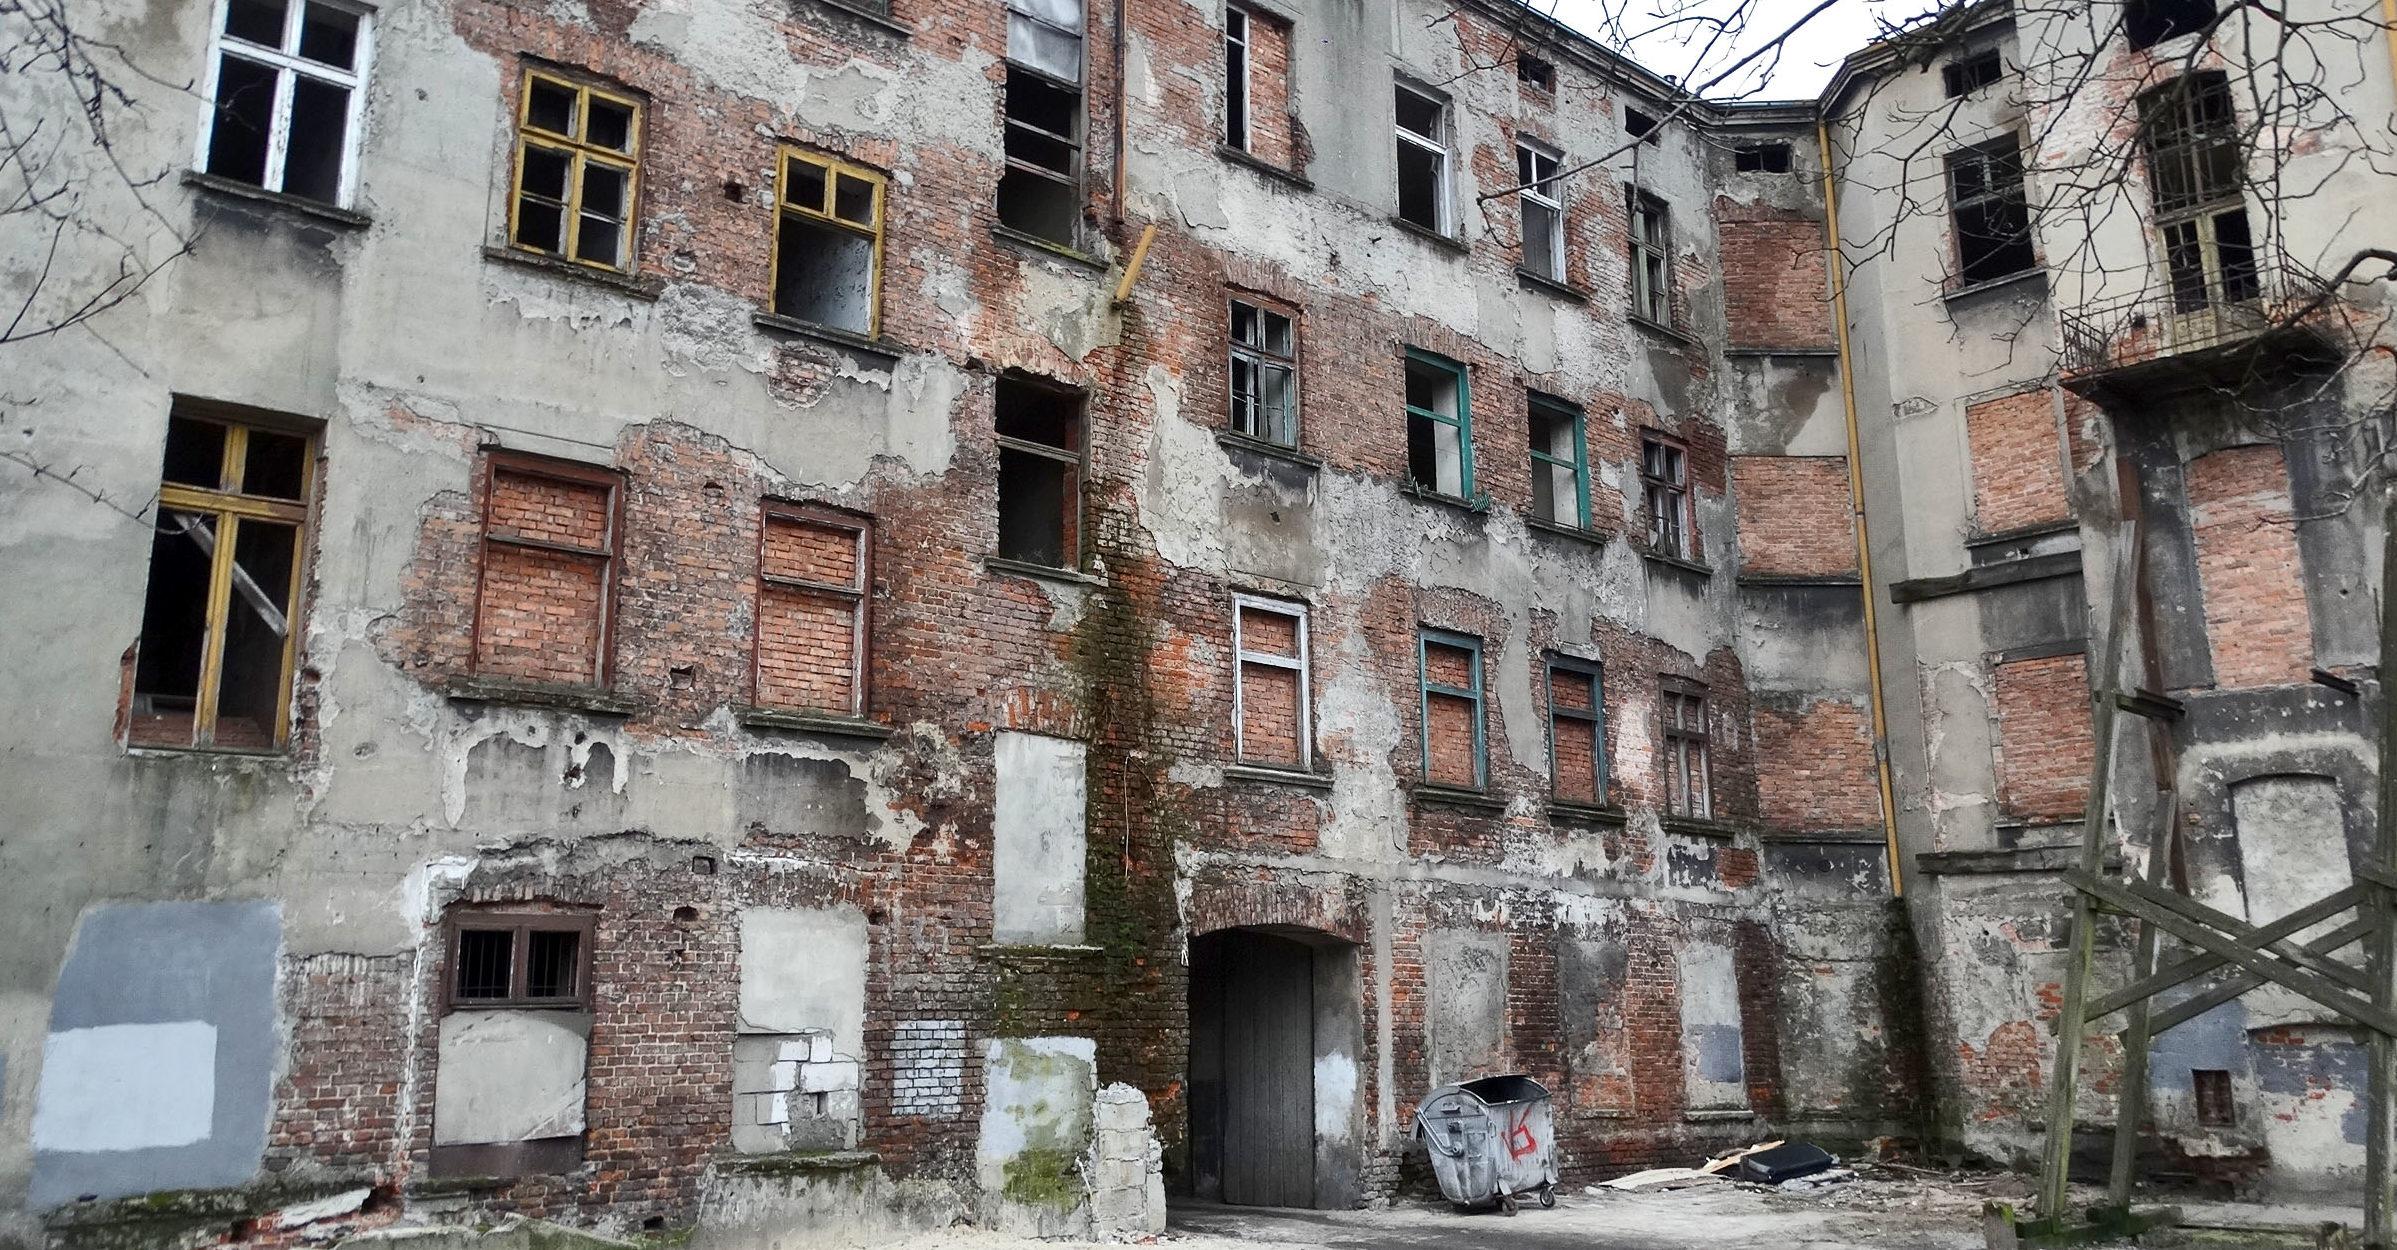 Opuszczona Łódź. Zapomniane kamienice w obiektywie.